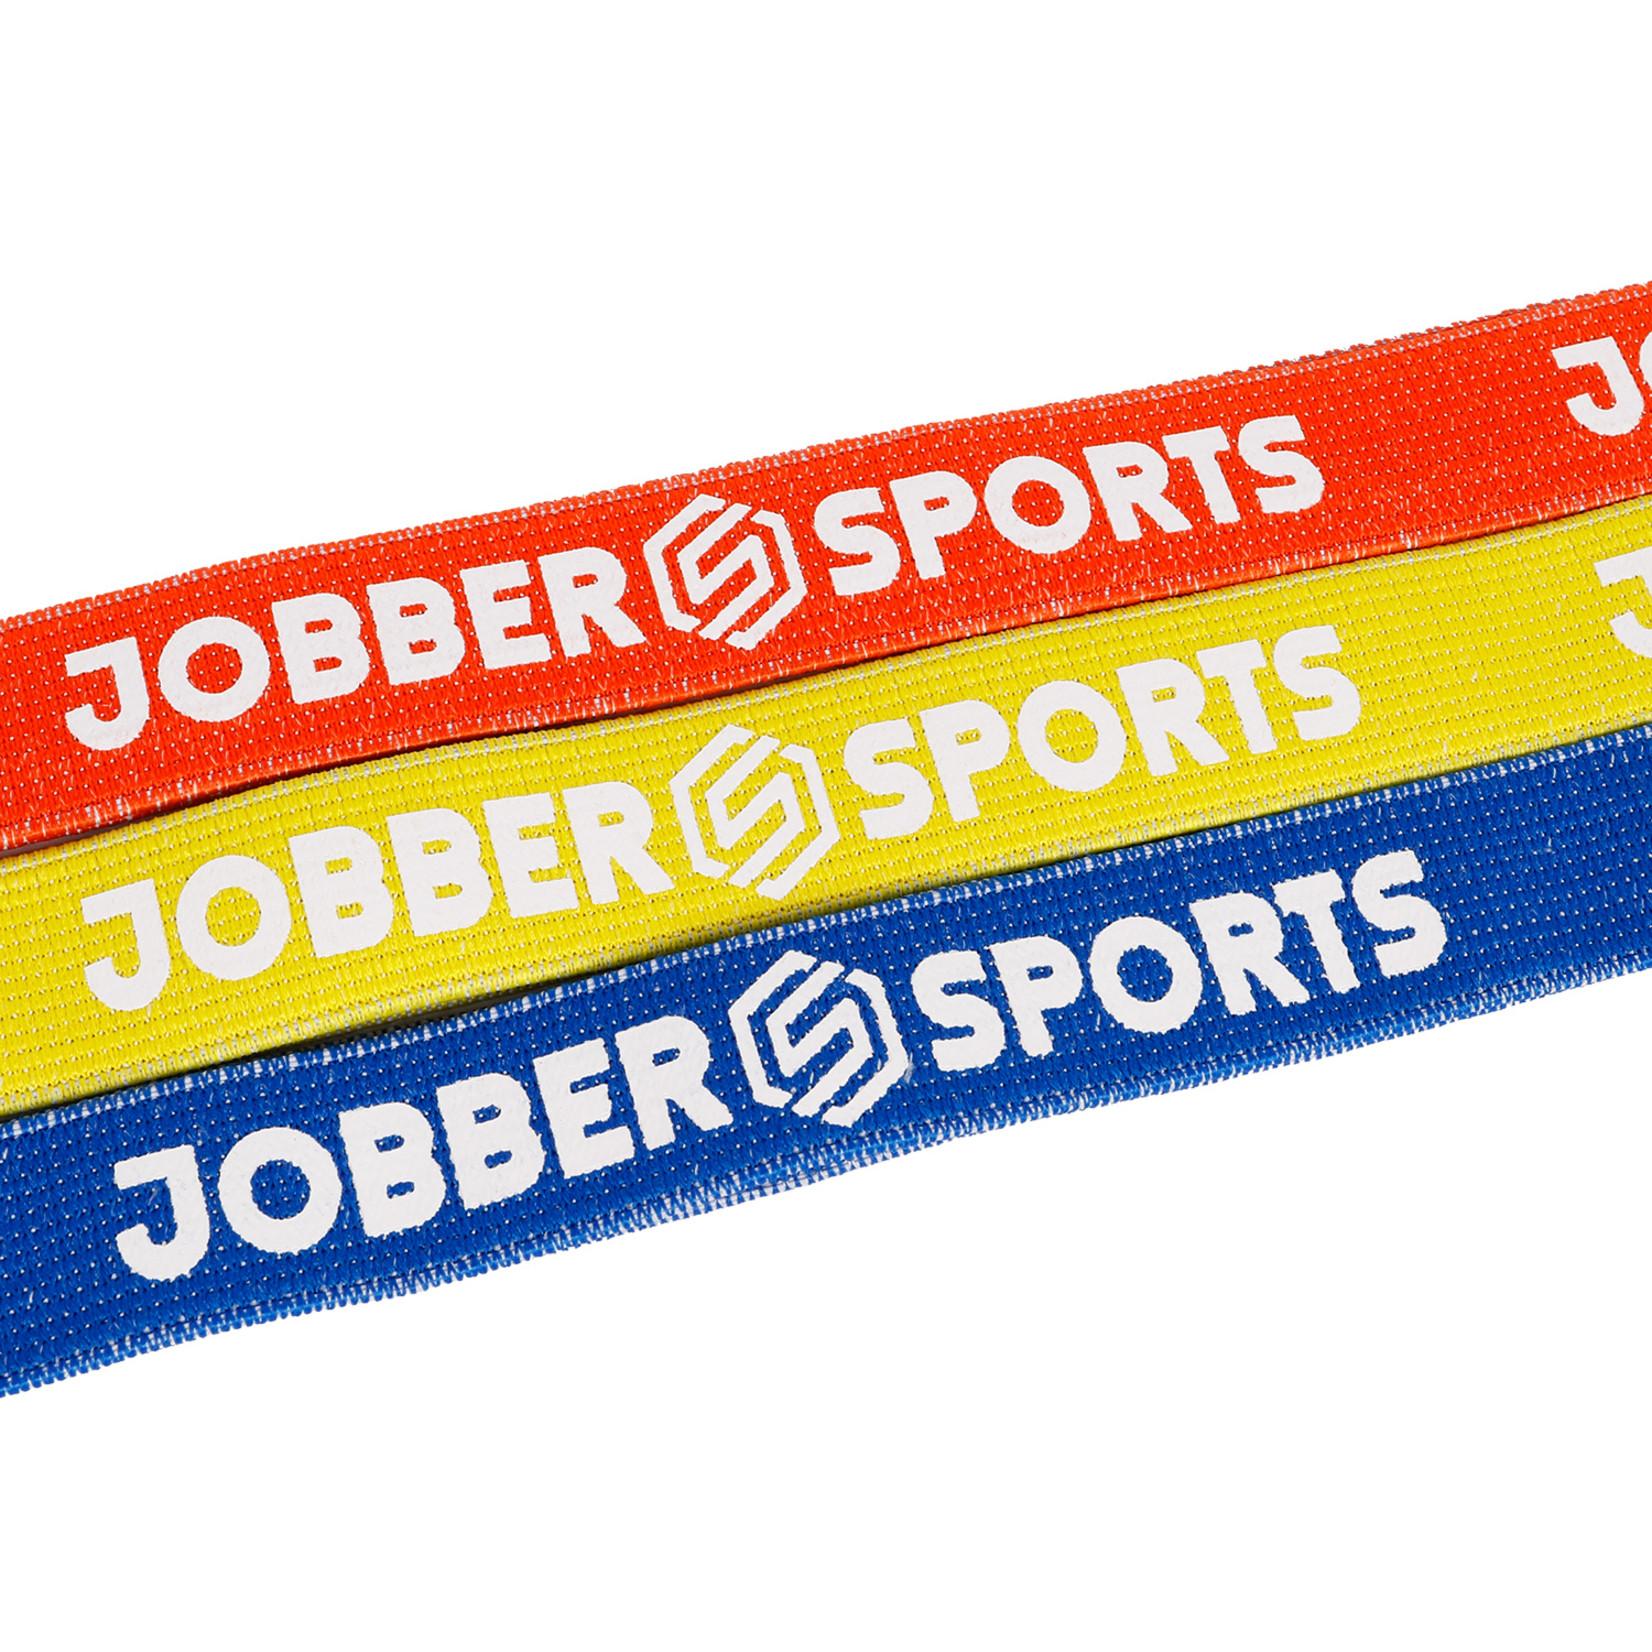 Jobber Fitness Jobber Sports weerstandsband roze 20 kg (light)